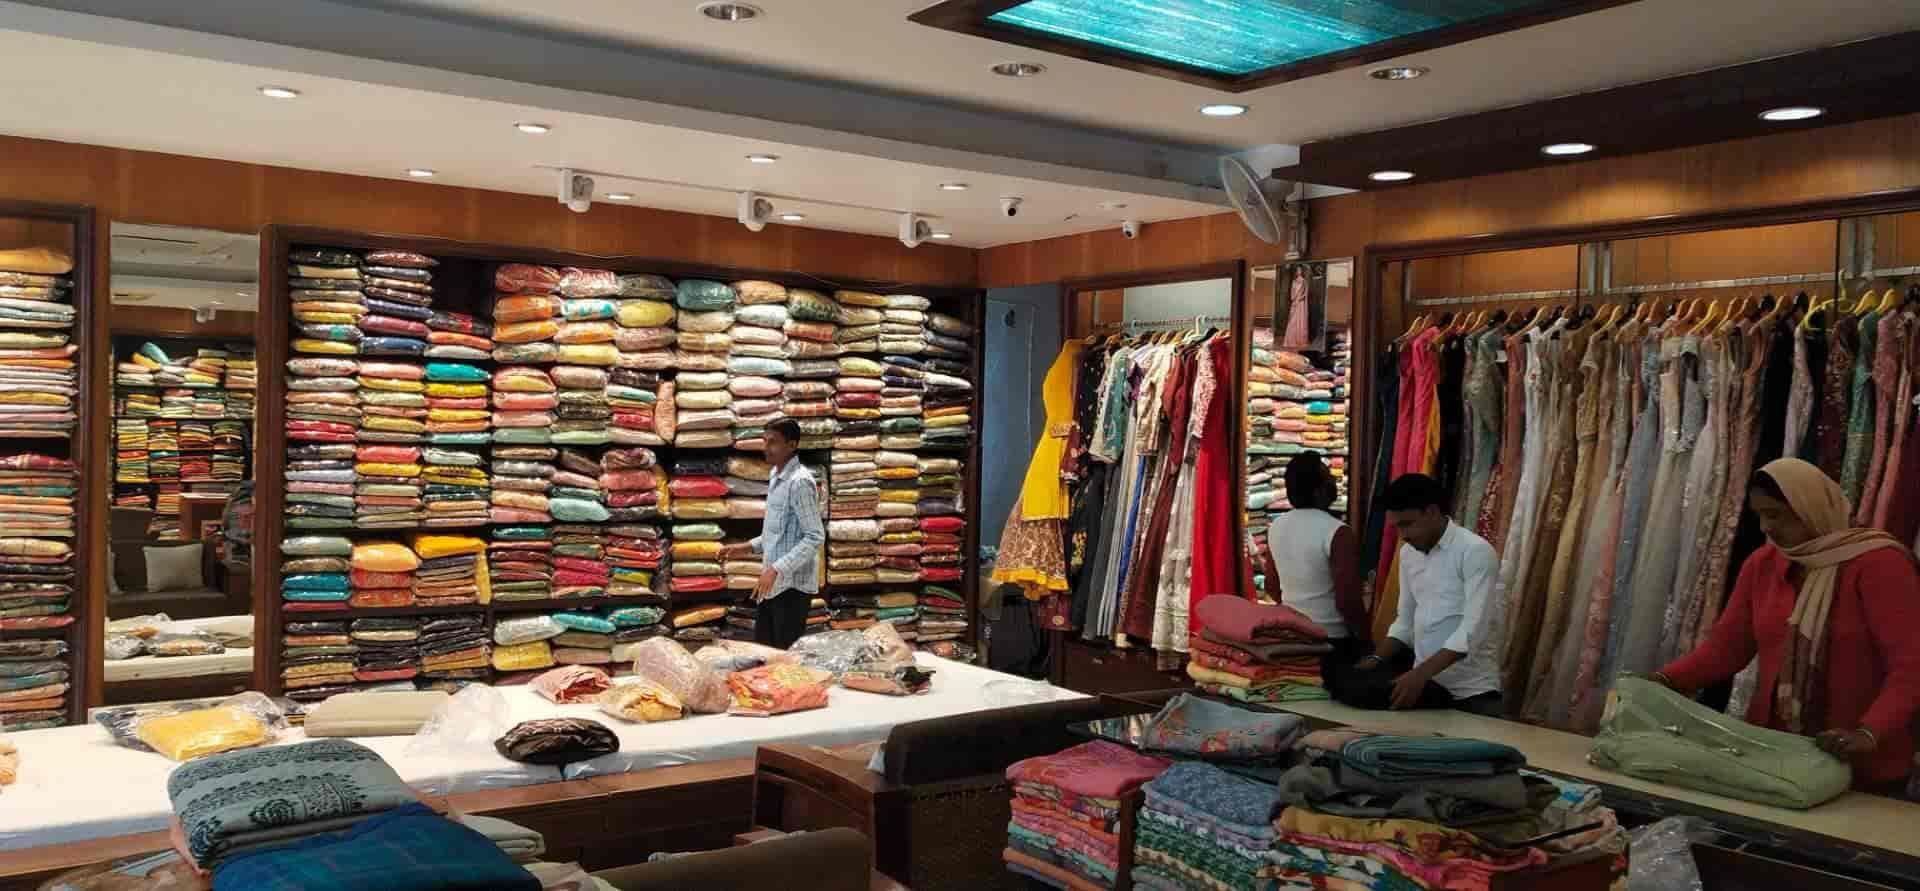 Balbir SILK & Sarees, MODEL TOWN - Saree Retailers in